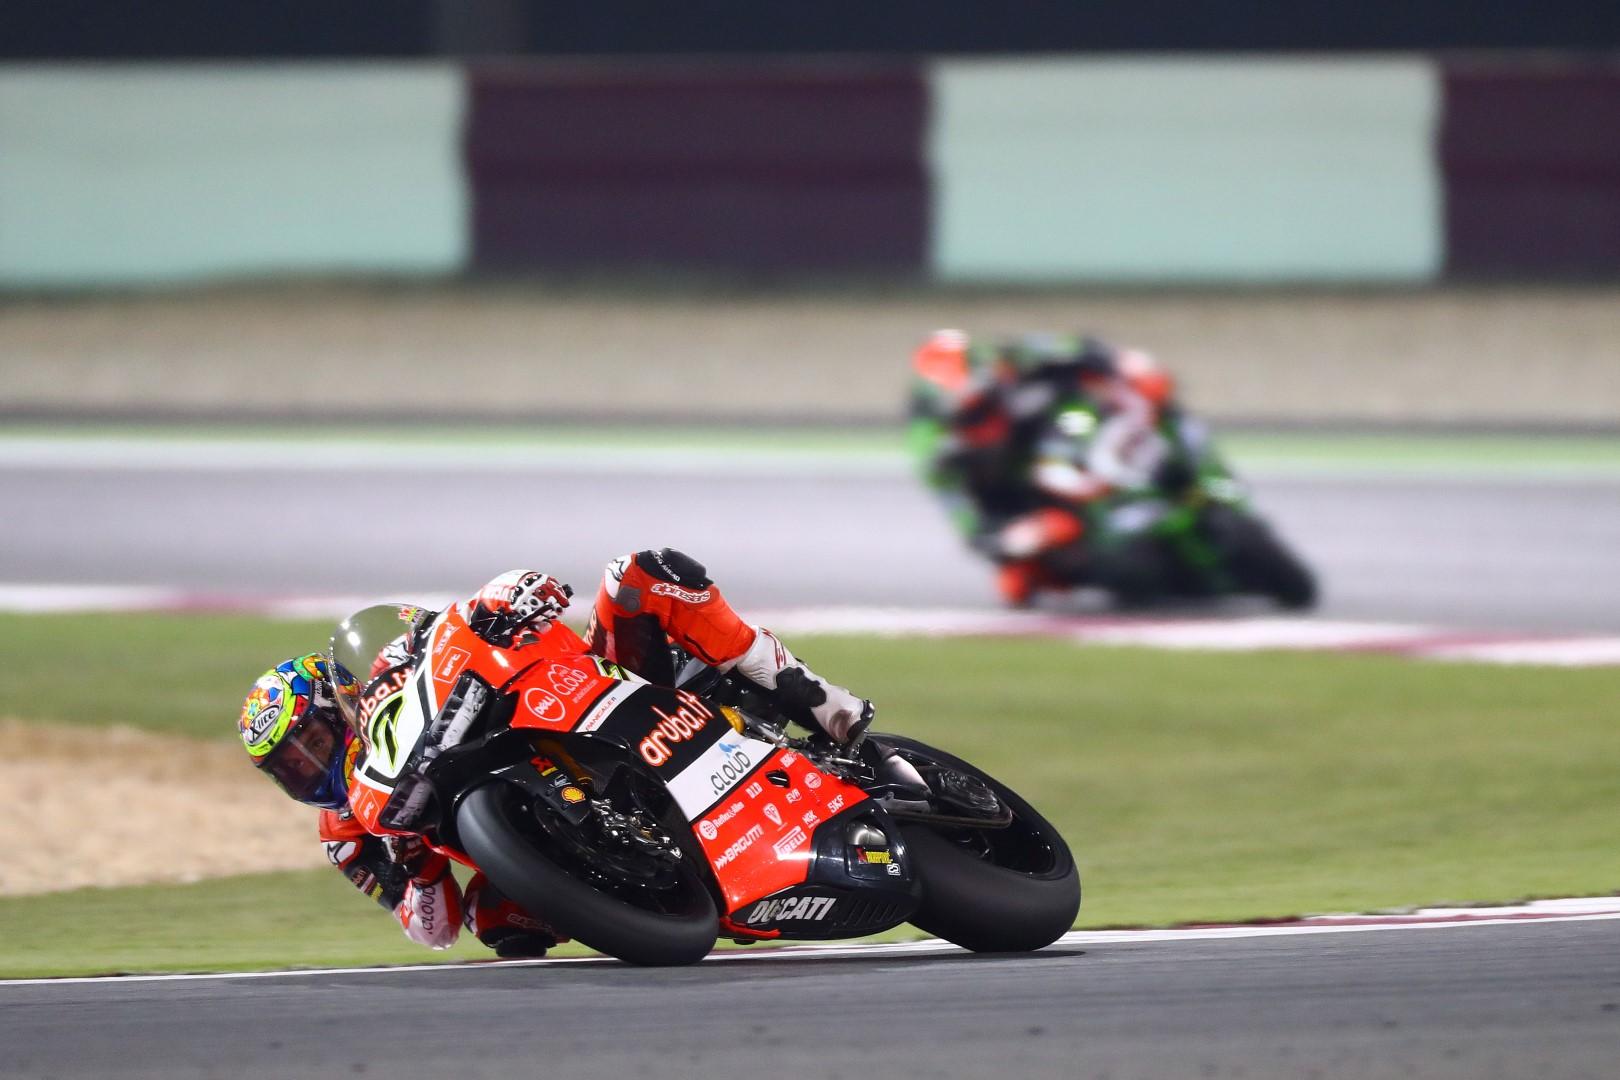 El subcampeonato de Superbike enfrenta a Ducati con Kawasaki